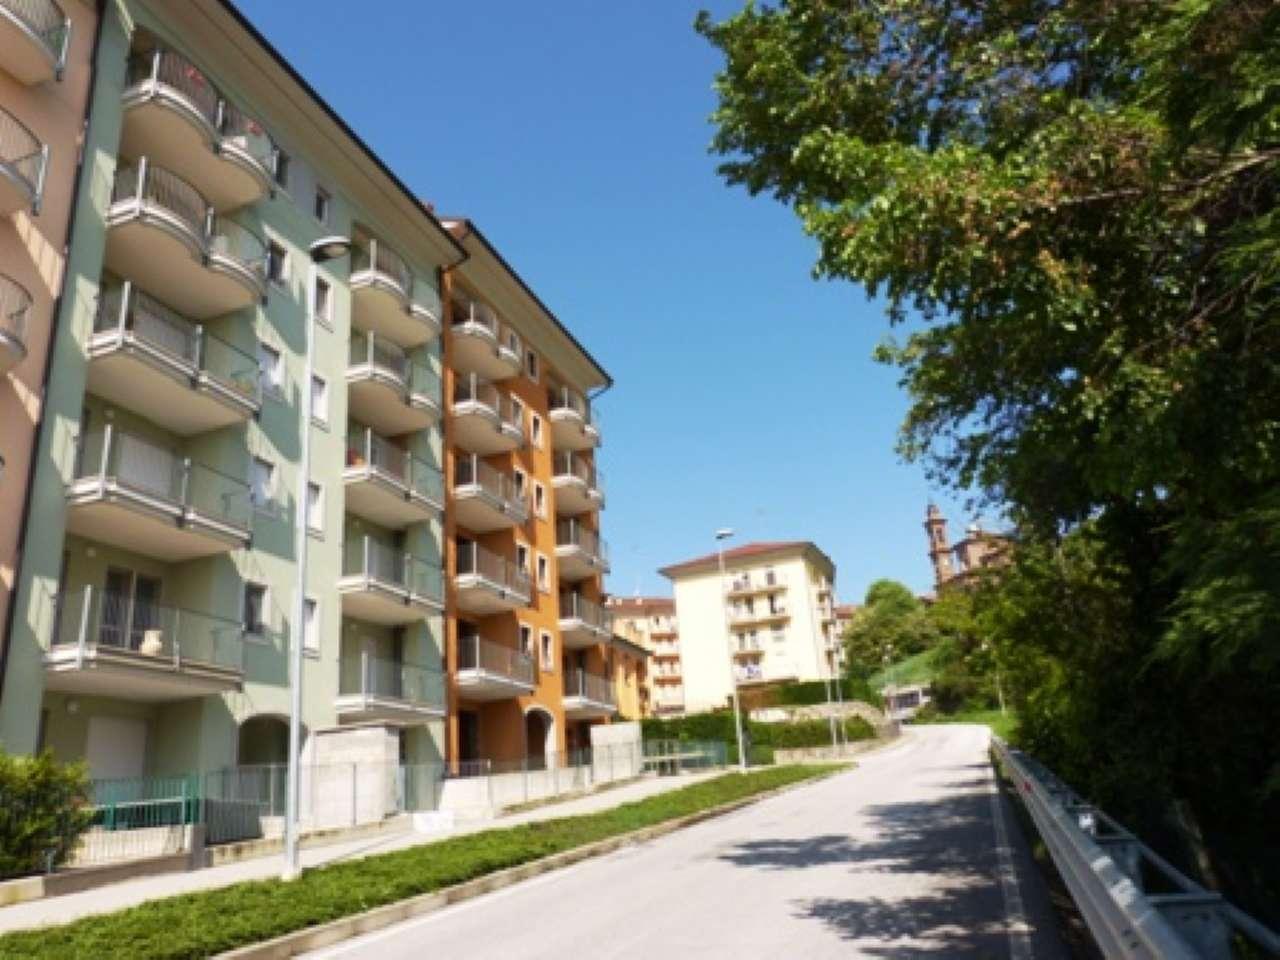 Appartamento in vendita a Fossano, 4 locali, prezzo € 182.000 | CambioCasa.it